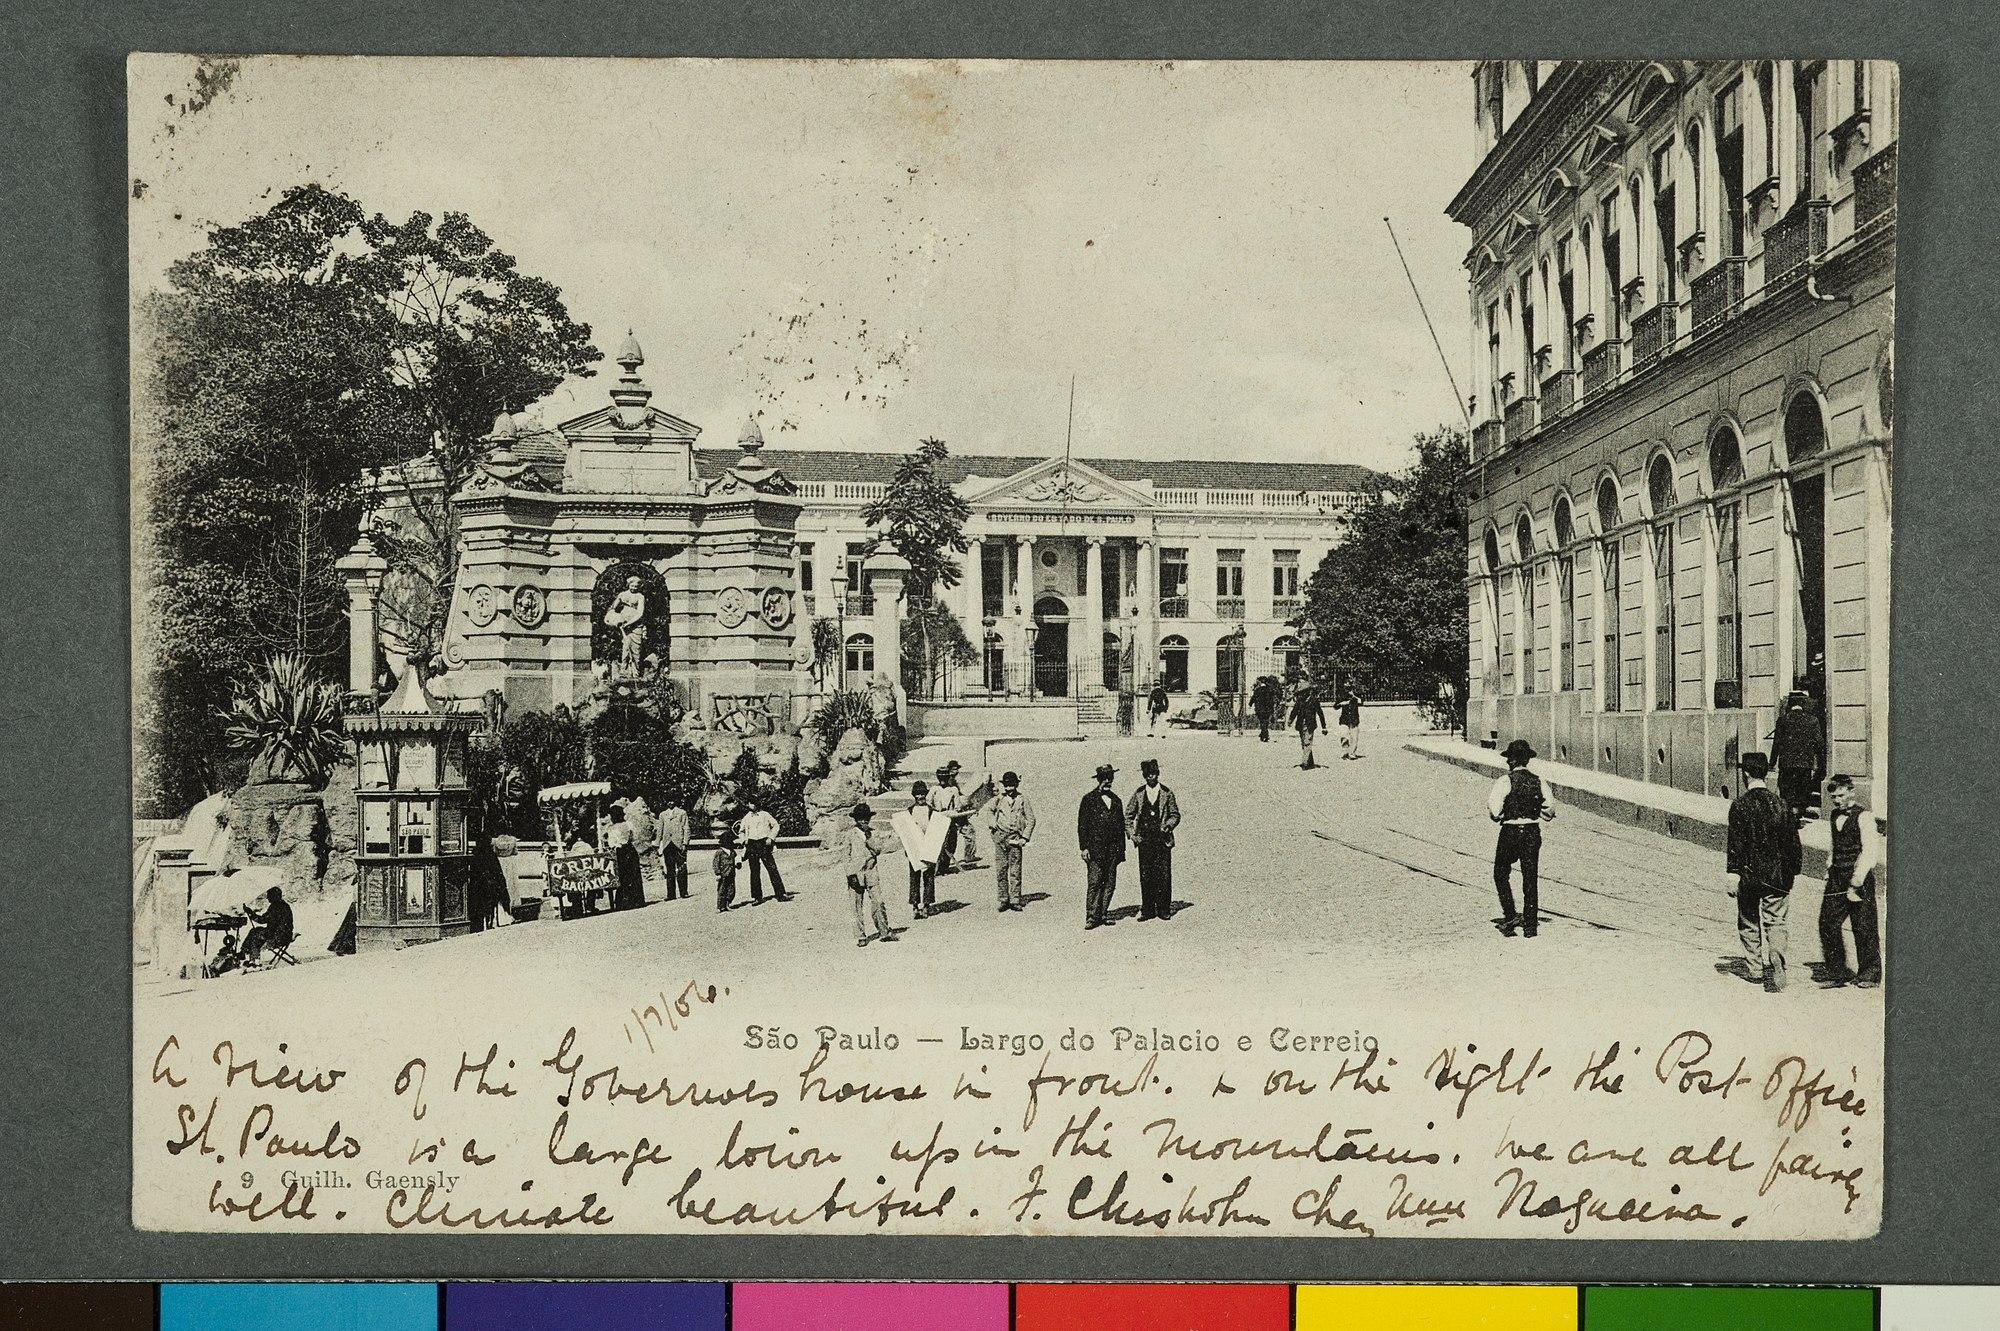 São Paulo - Largo do Palacio e Cerreio